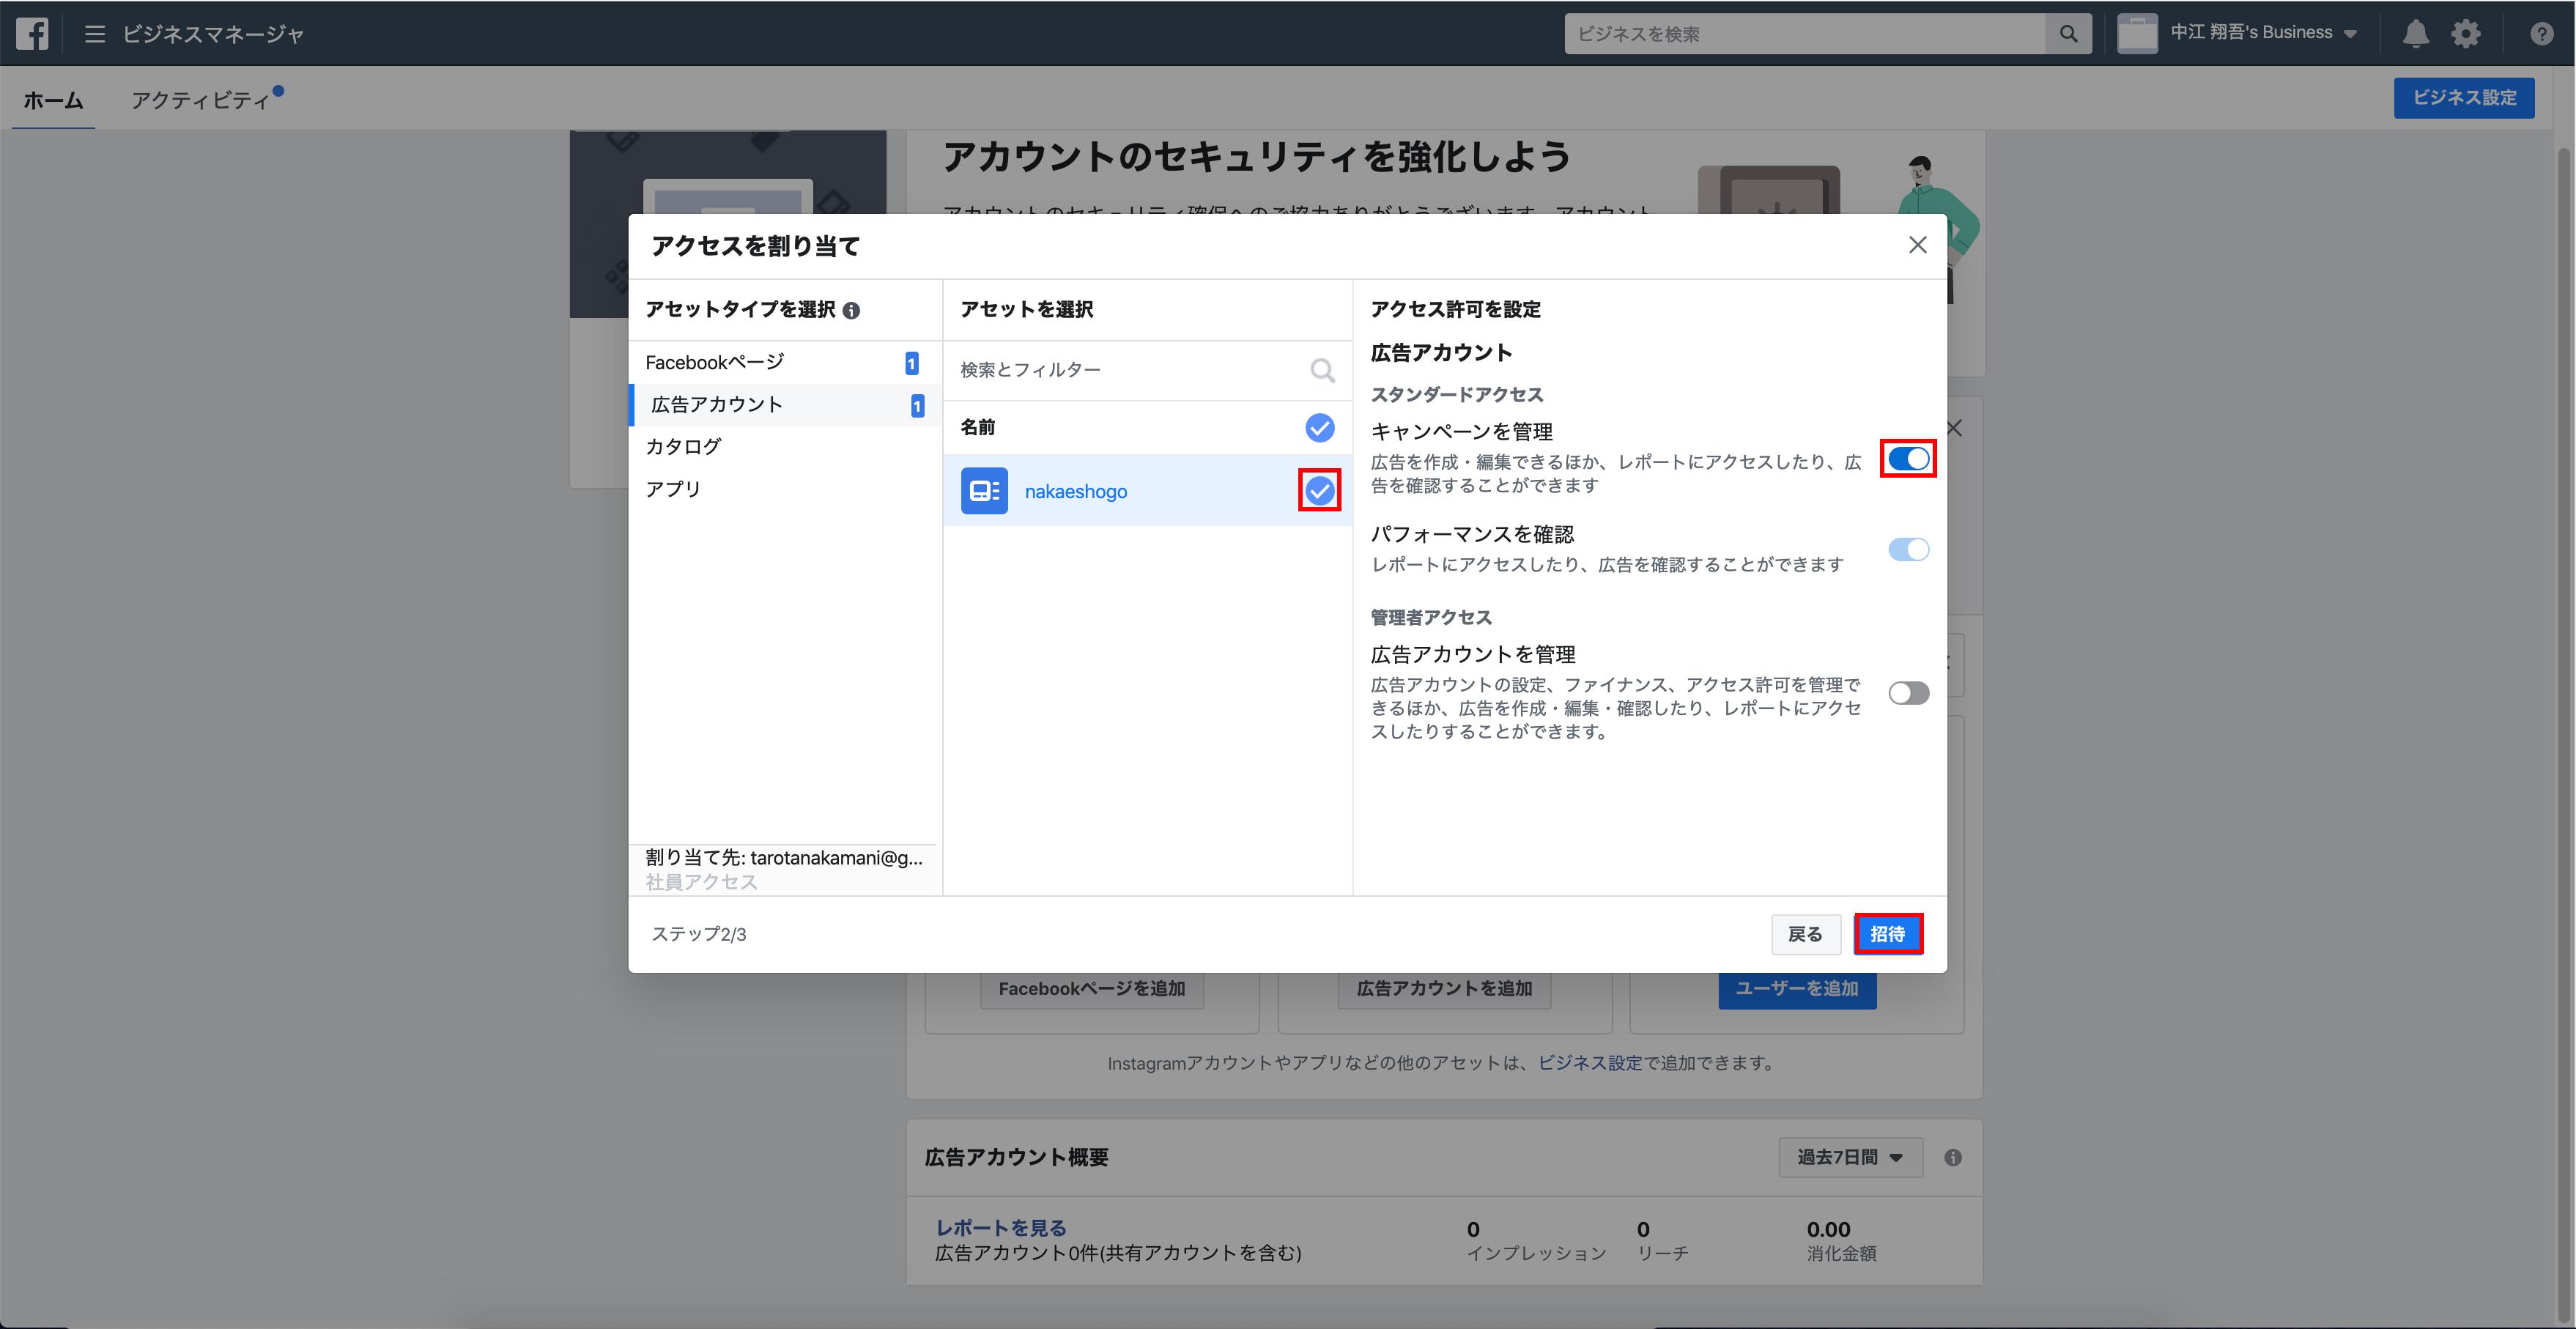 広告アカウントのアクセス許可設定